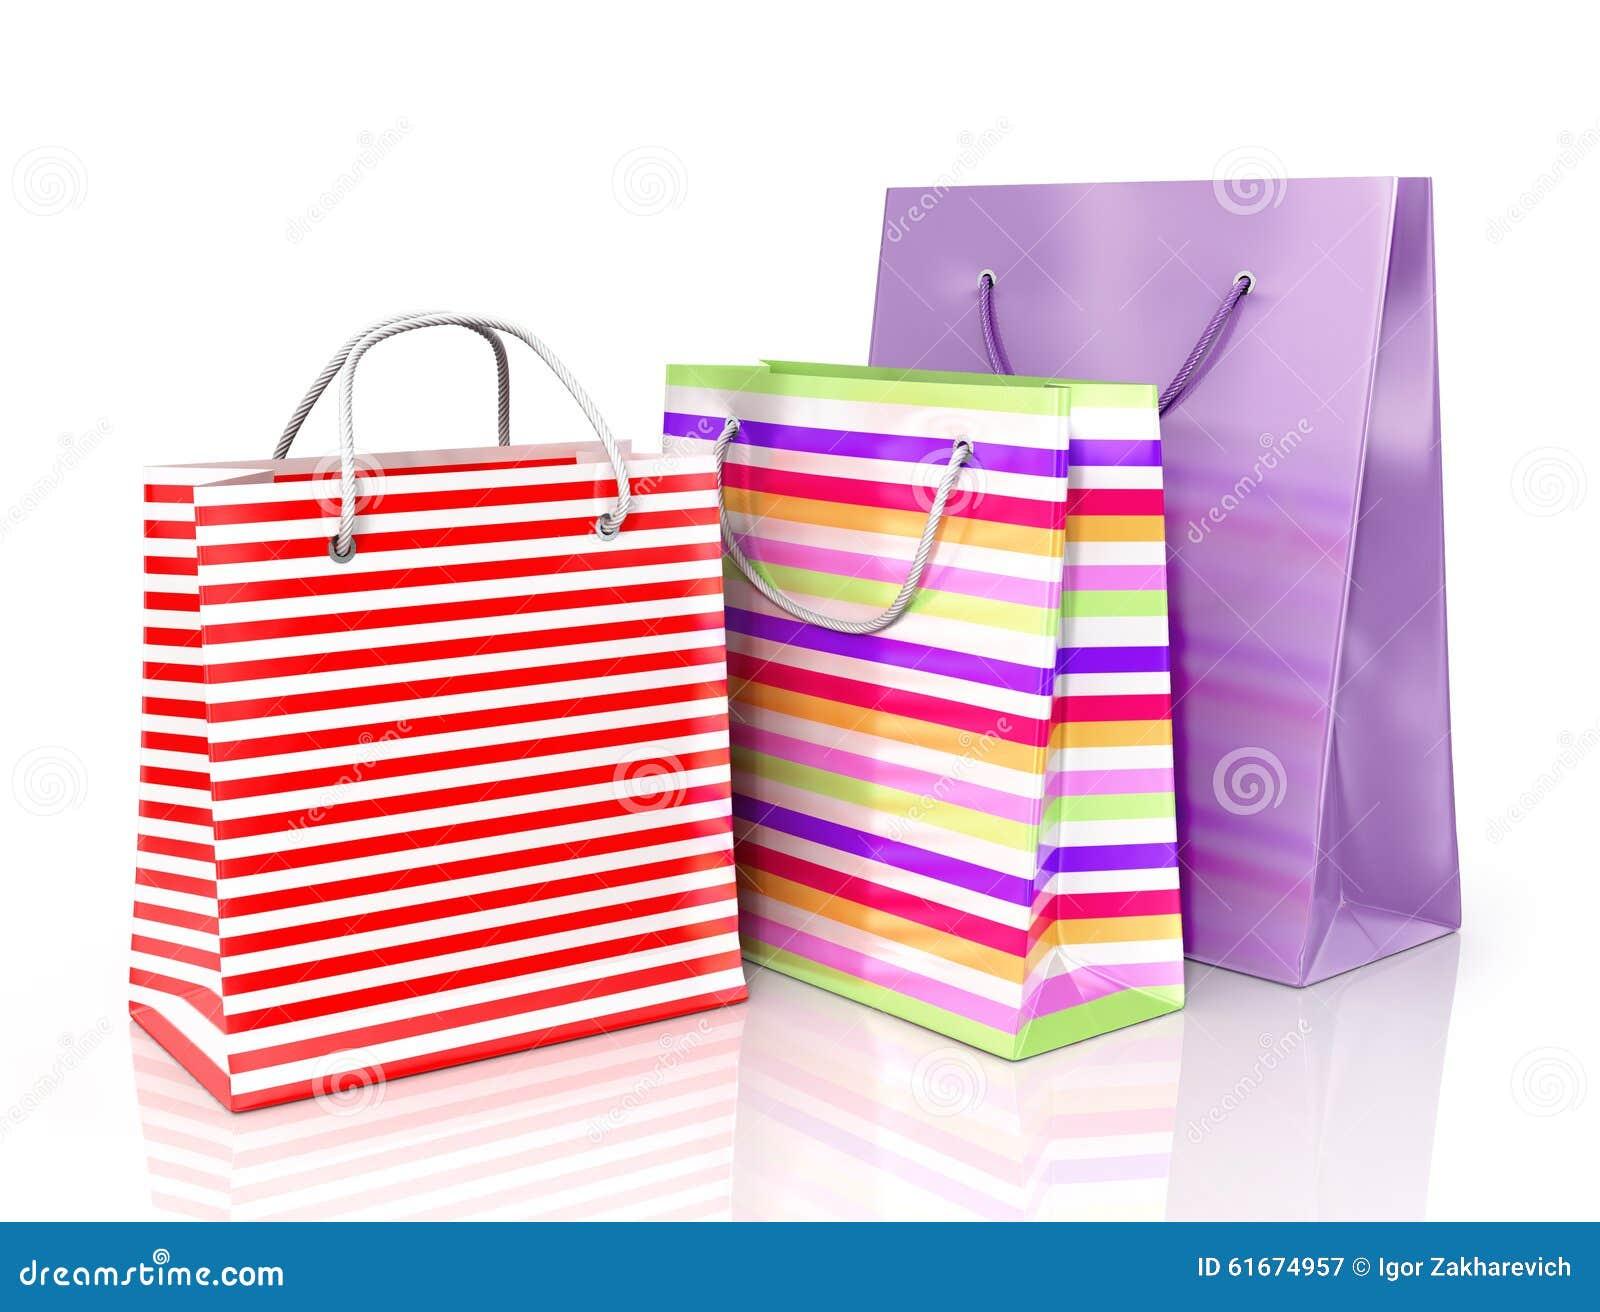 Bolsas De Papel Coloridas Para Hacer Compras Imagen De Archivo